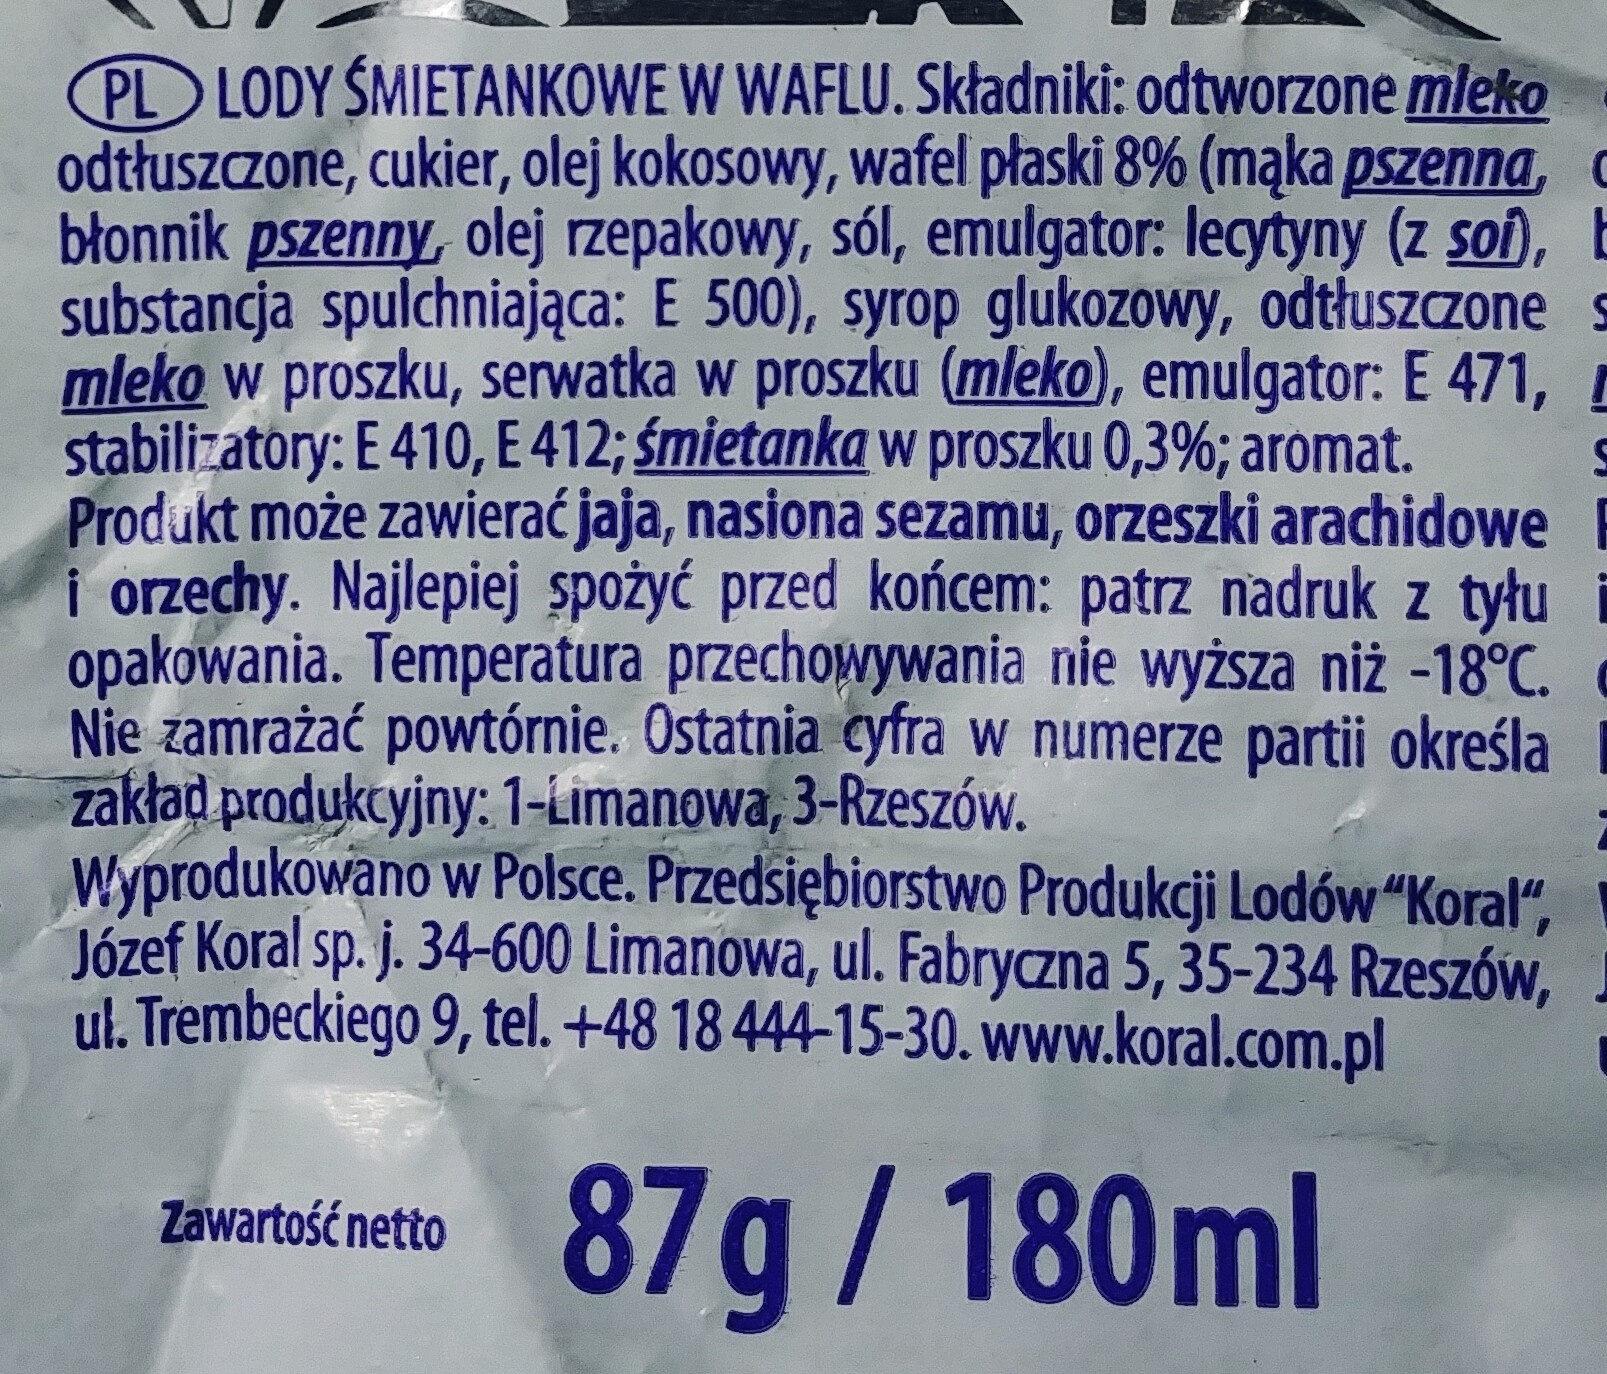 Lody śmietankowe - kostka śnieżna - Ingredients